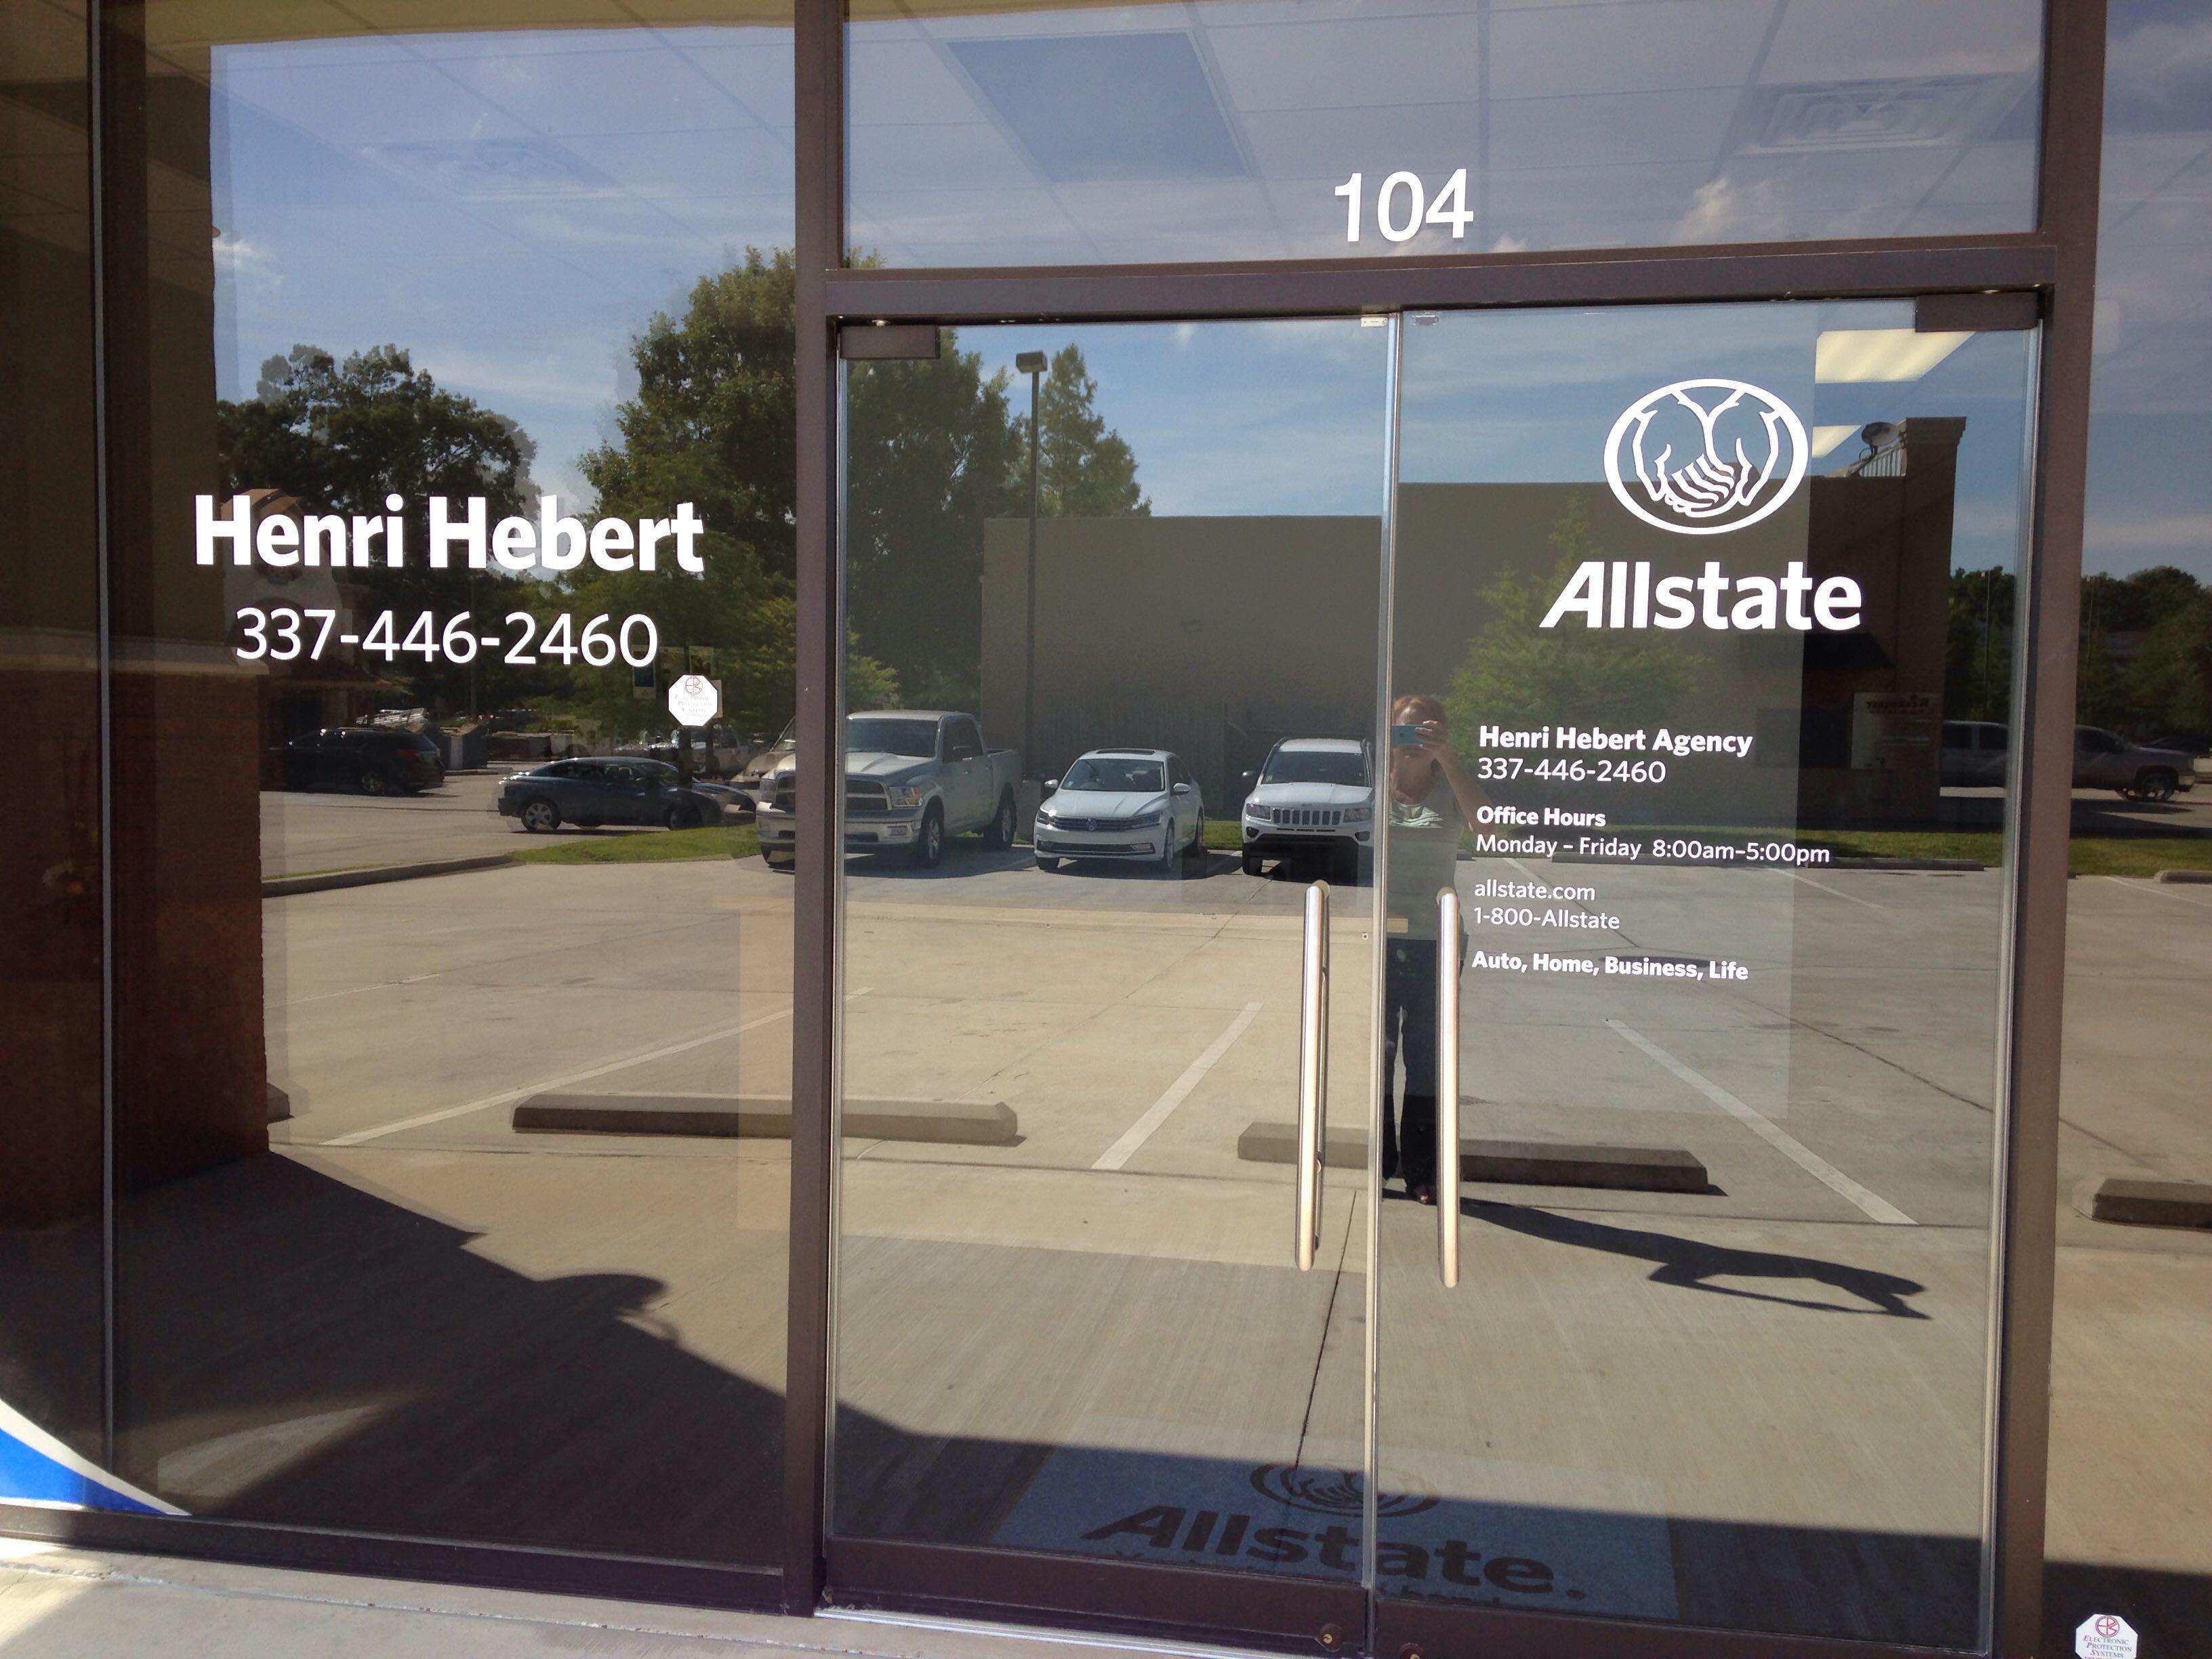 Allstate Insurance Agent: Henri Hebert image 1